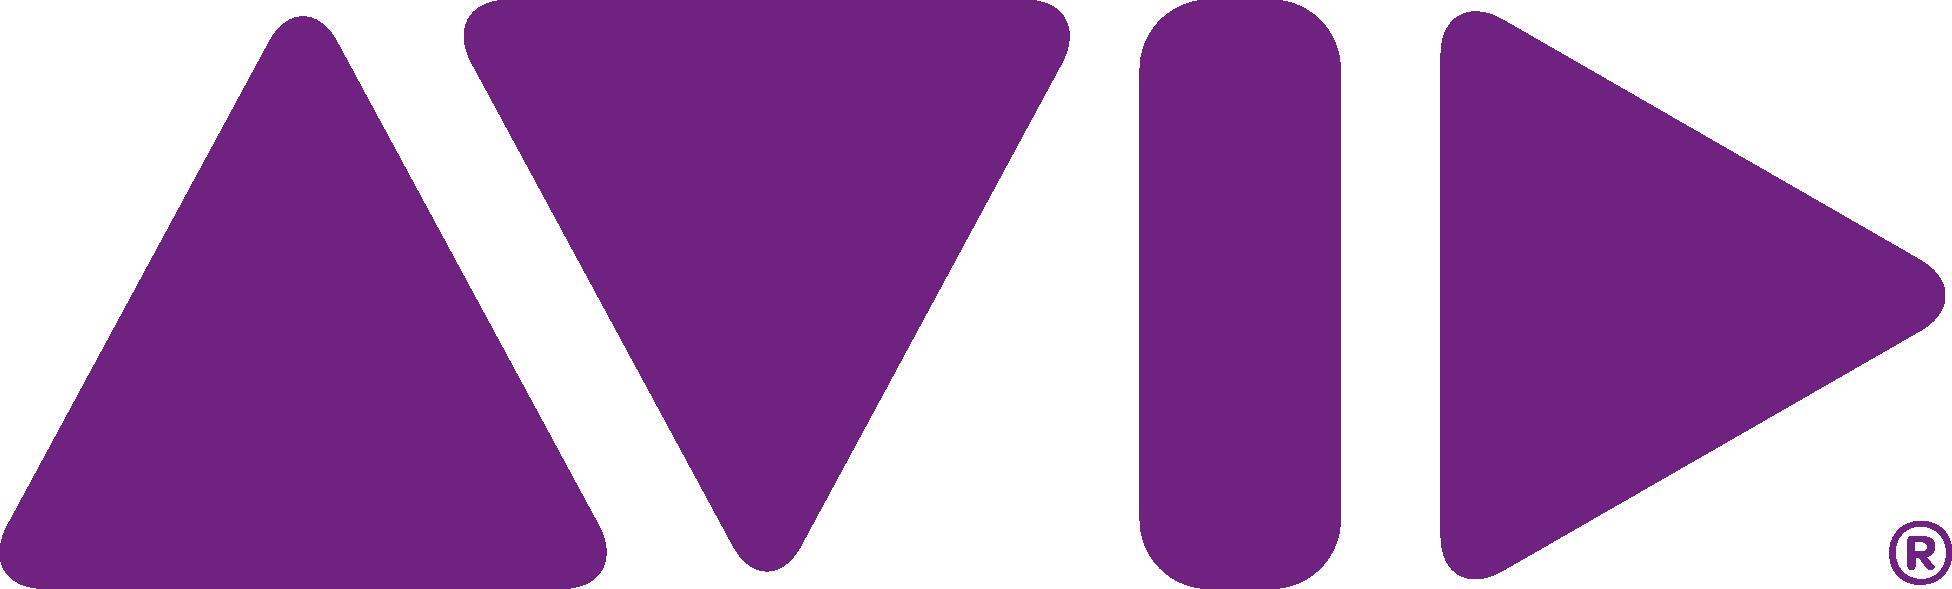 Avid Logo.